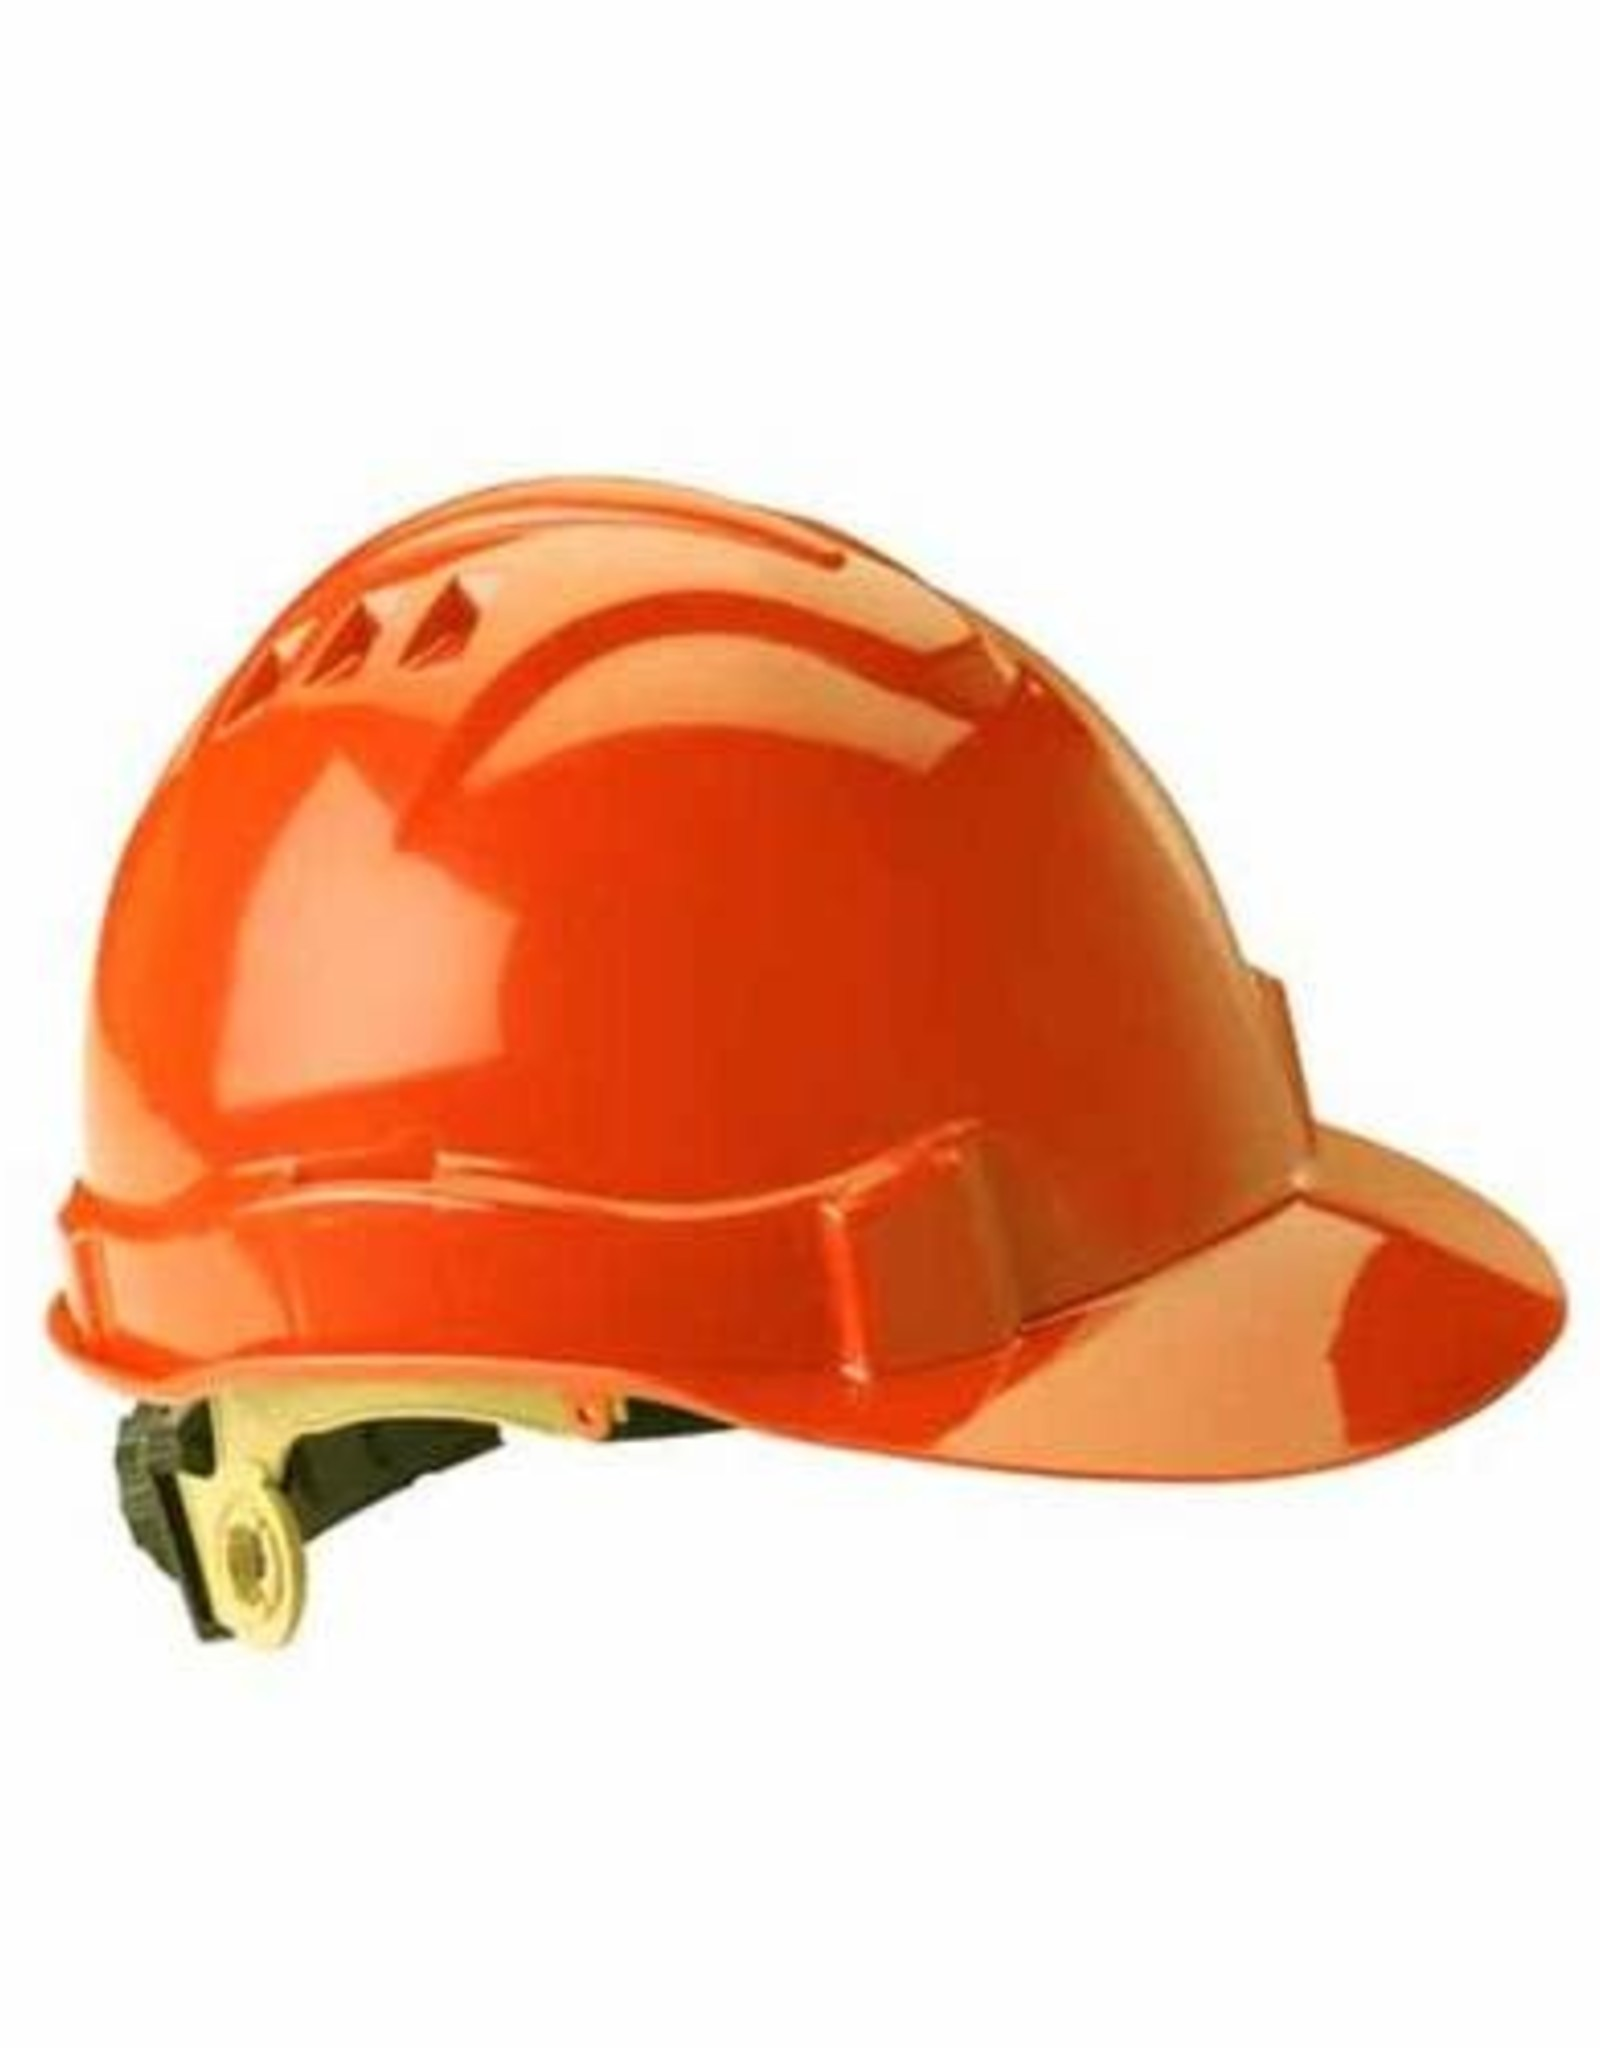 Gateway Serpent Safety Helmet, Ratchet Suspension, Orange Shell